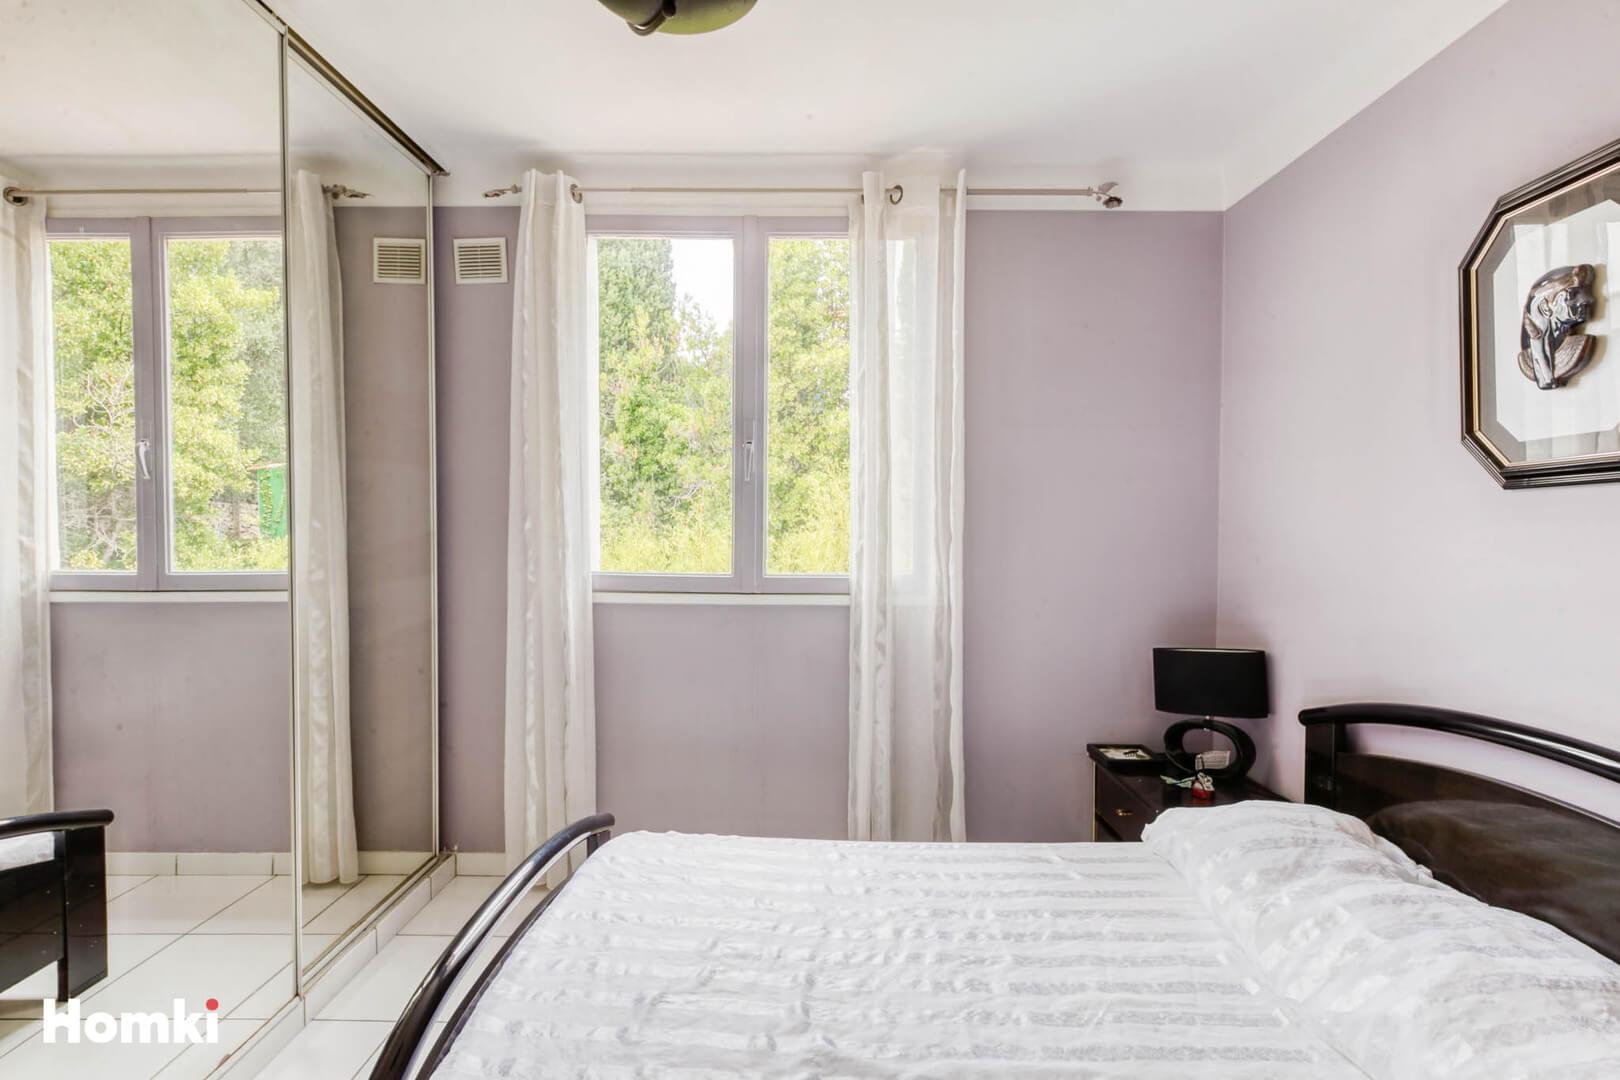 Homki - Vente appartement  de 52.0 m² à Le Cannet 06110